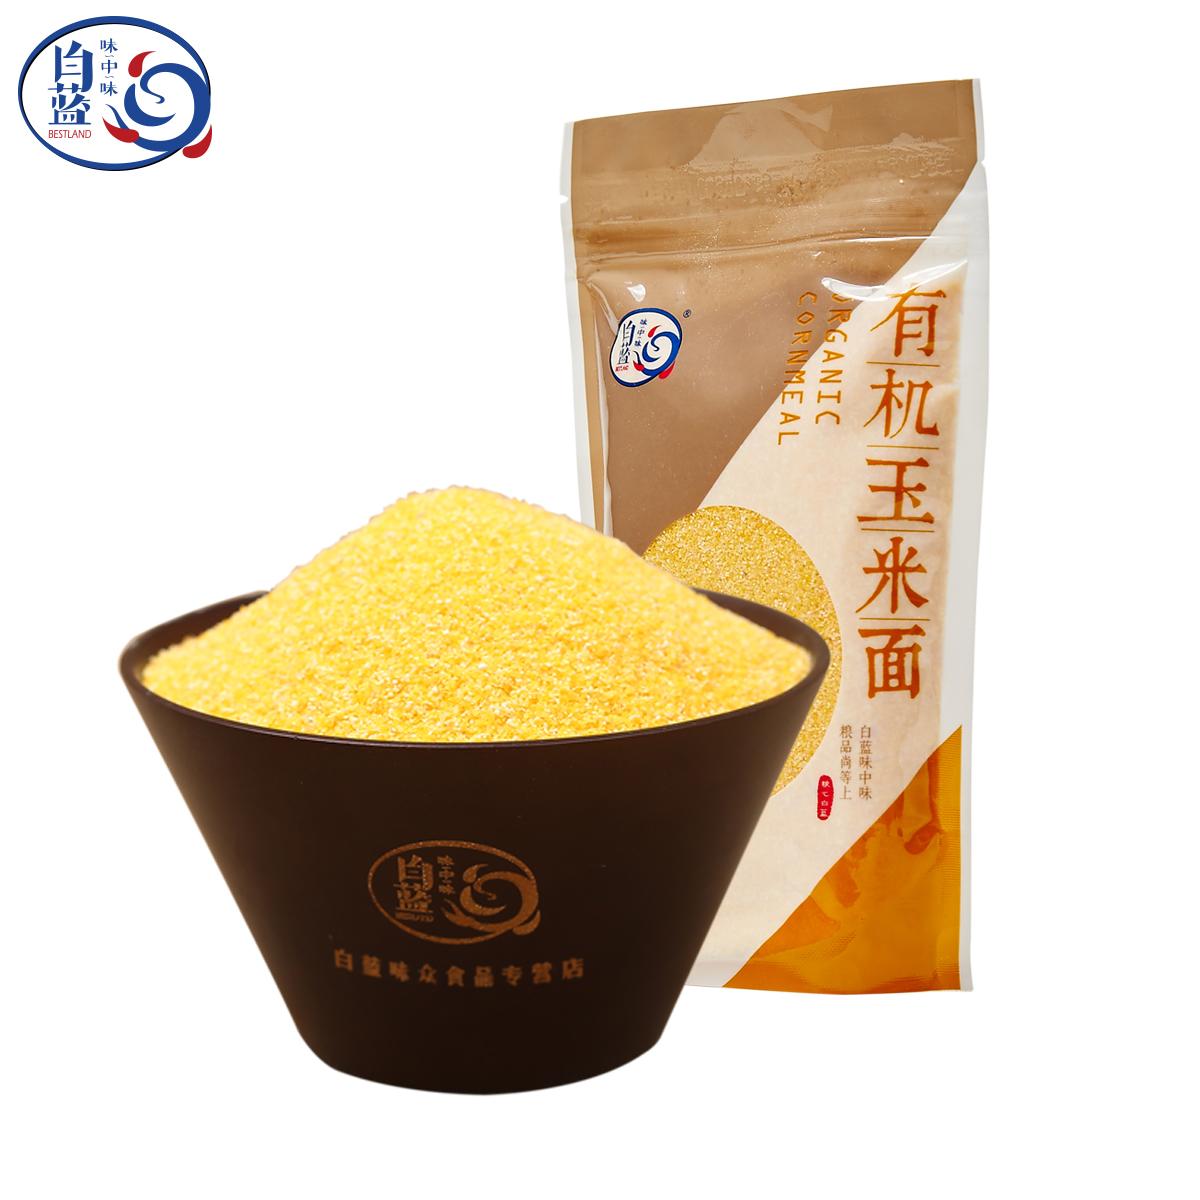 有機玉米麵粉東北農家五穀雜糧粗糧玉米粥糊糊窩窩頭麵粉350g~3袋